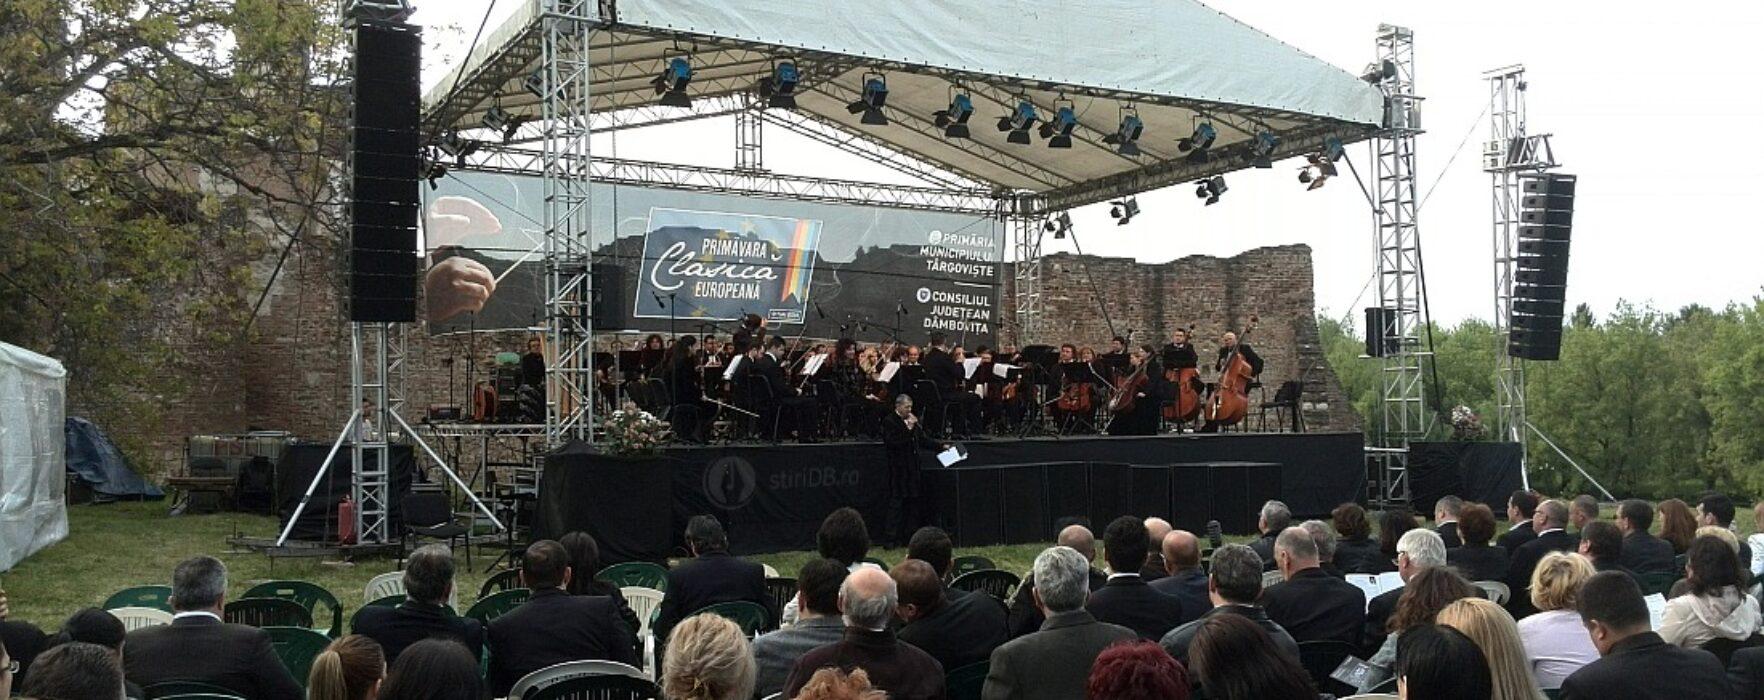 Câteva sute de persoane au participat la concertul de muzică clasică de la Curtea Domnească Târgovişte (video)